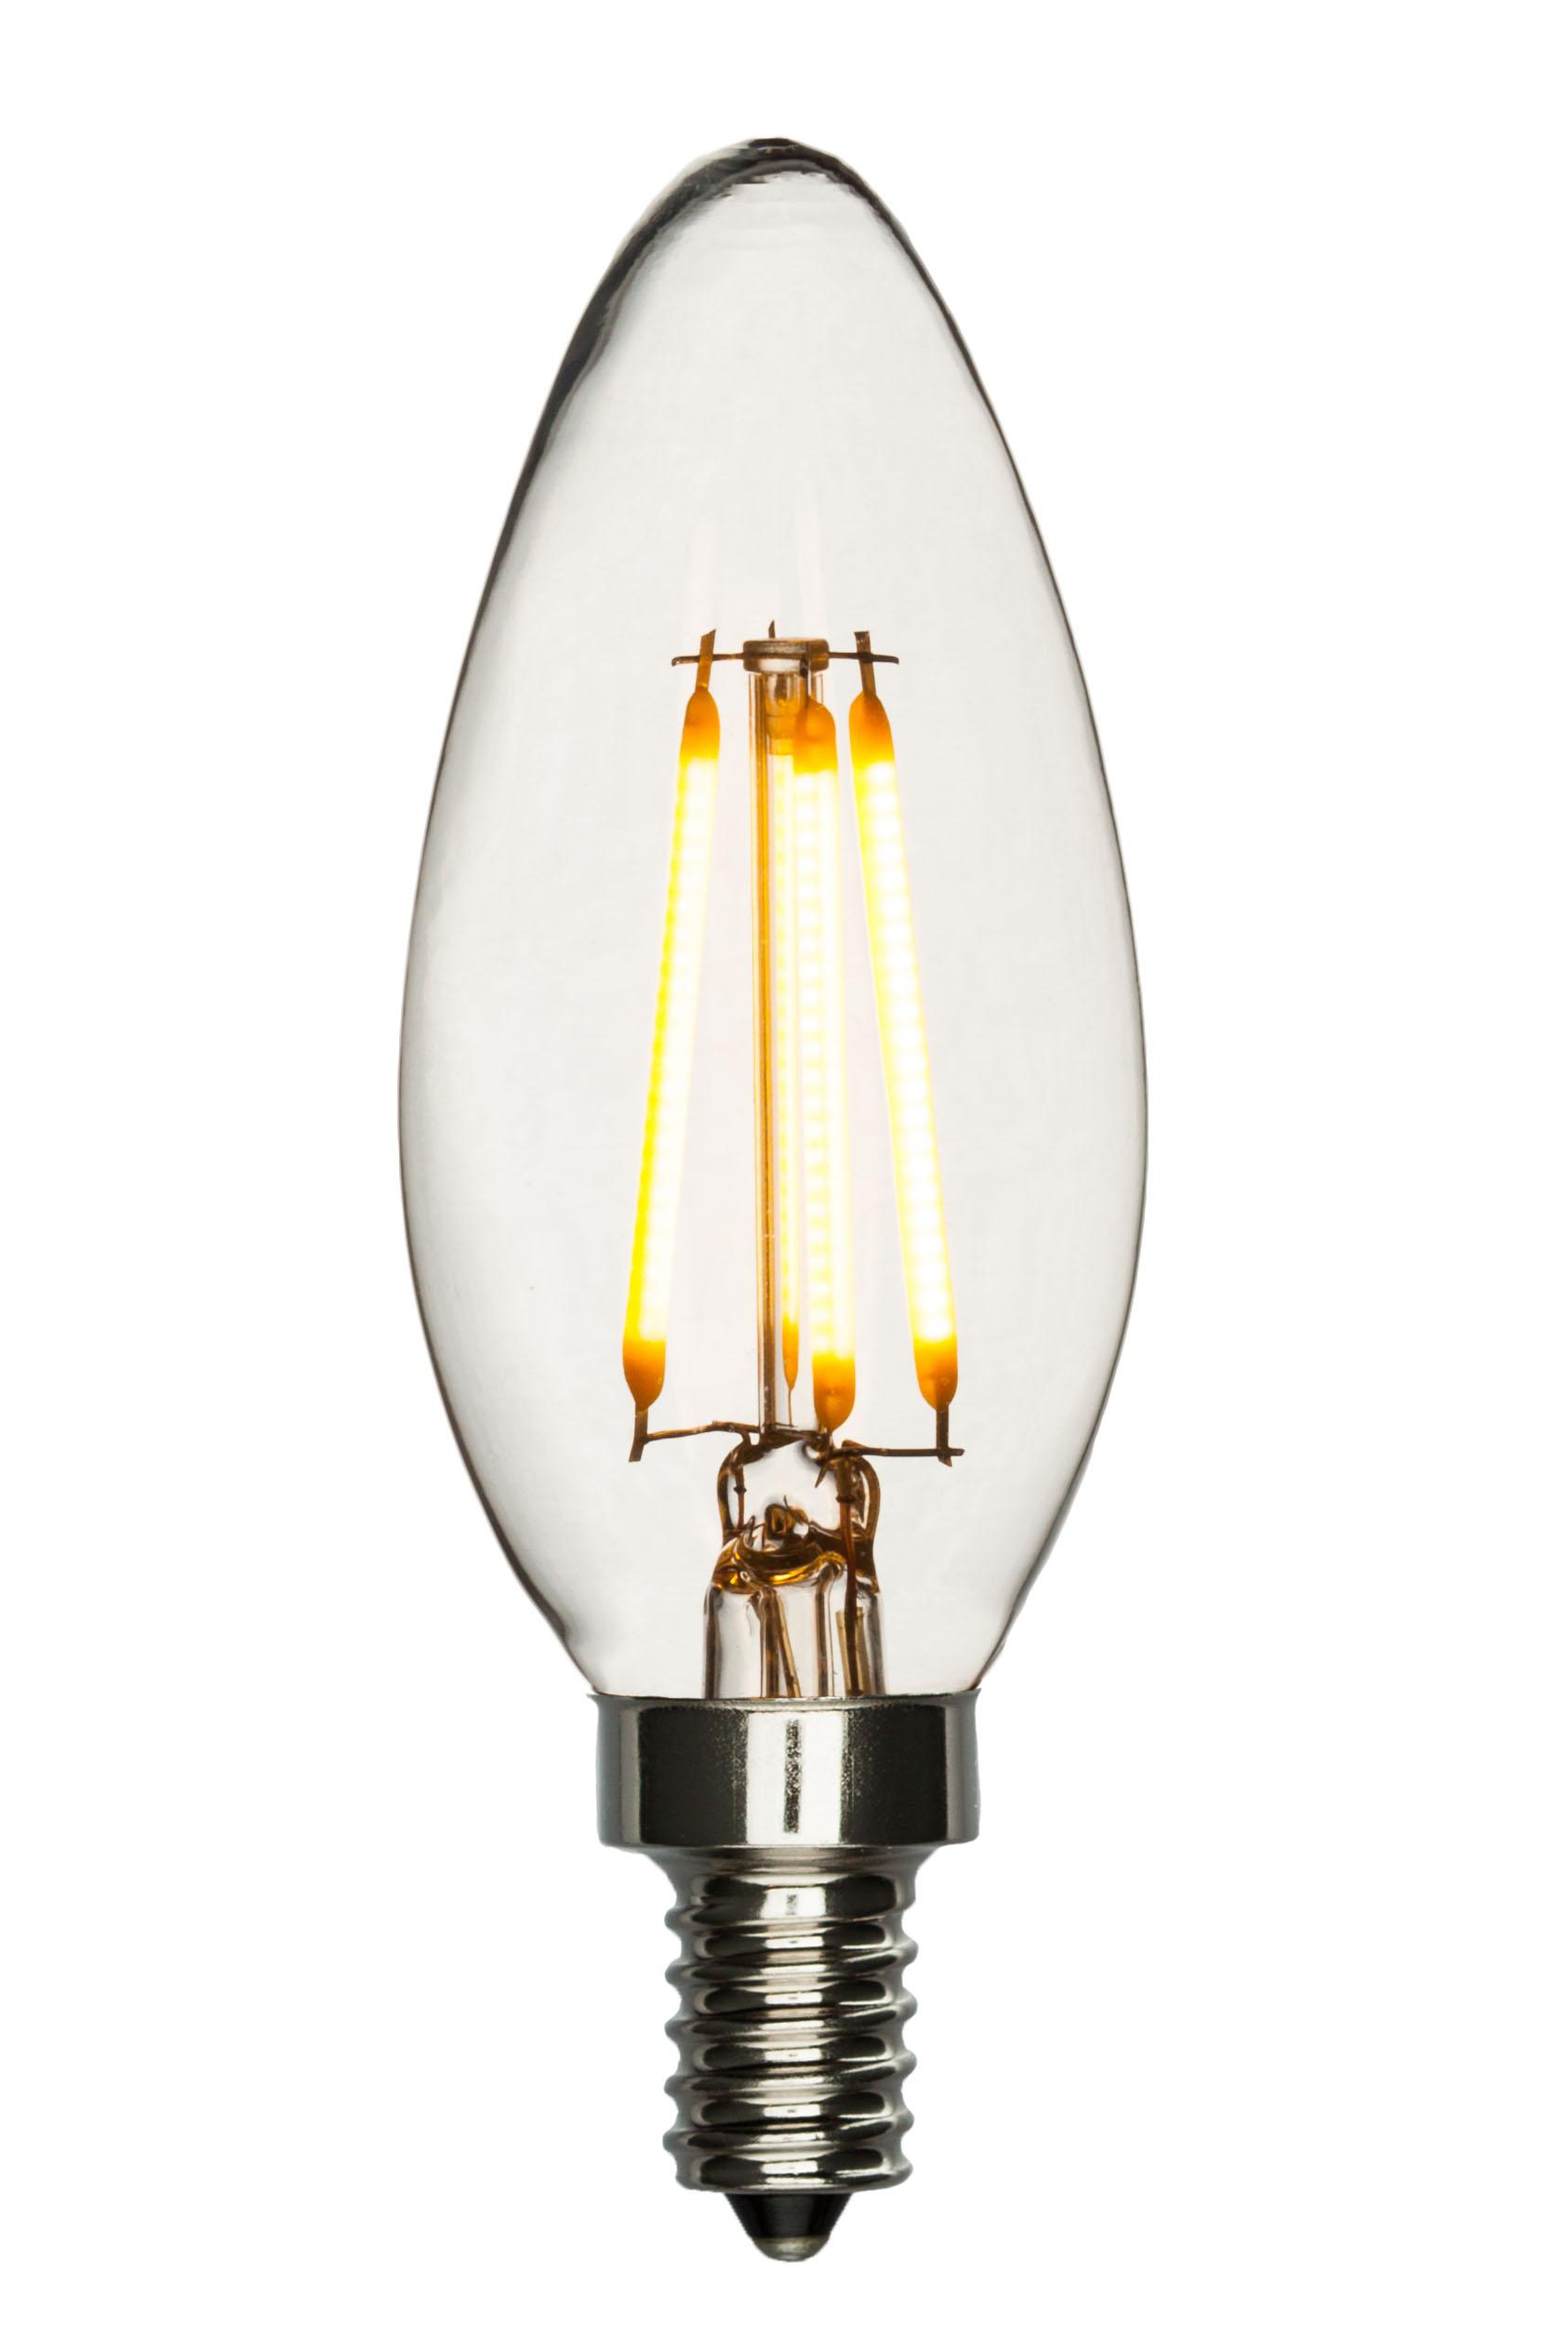 led chandelier bulb blunt tip